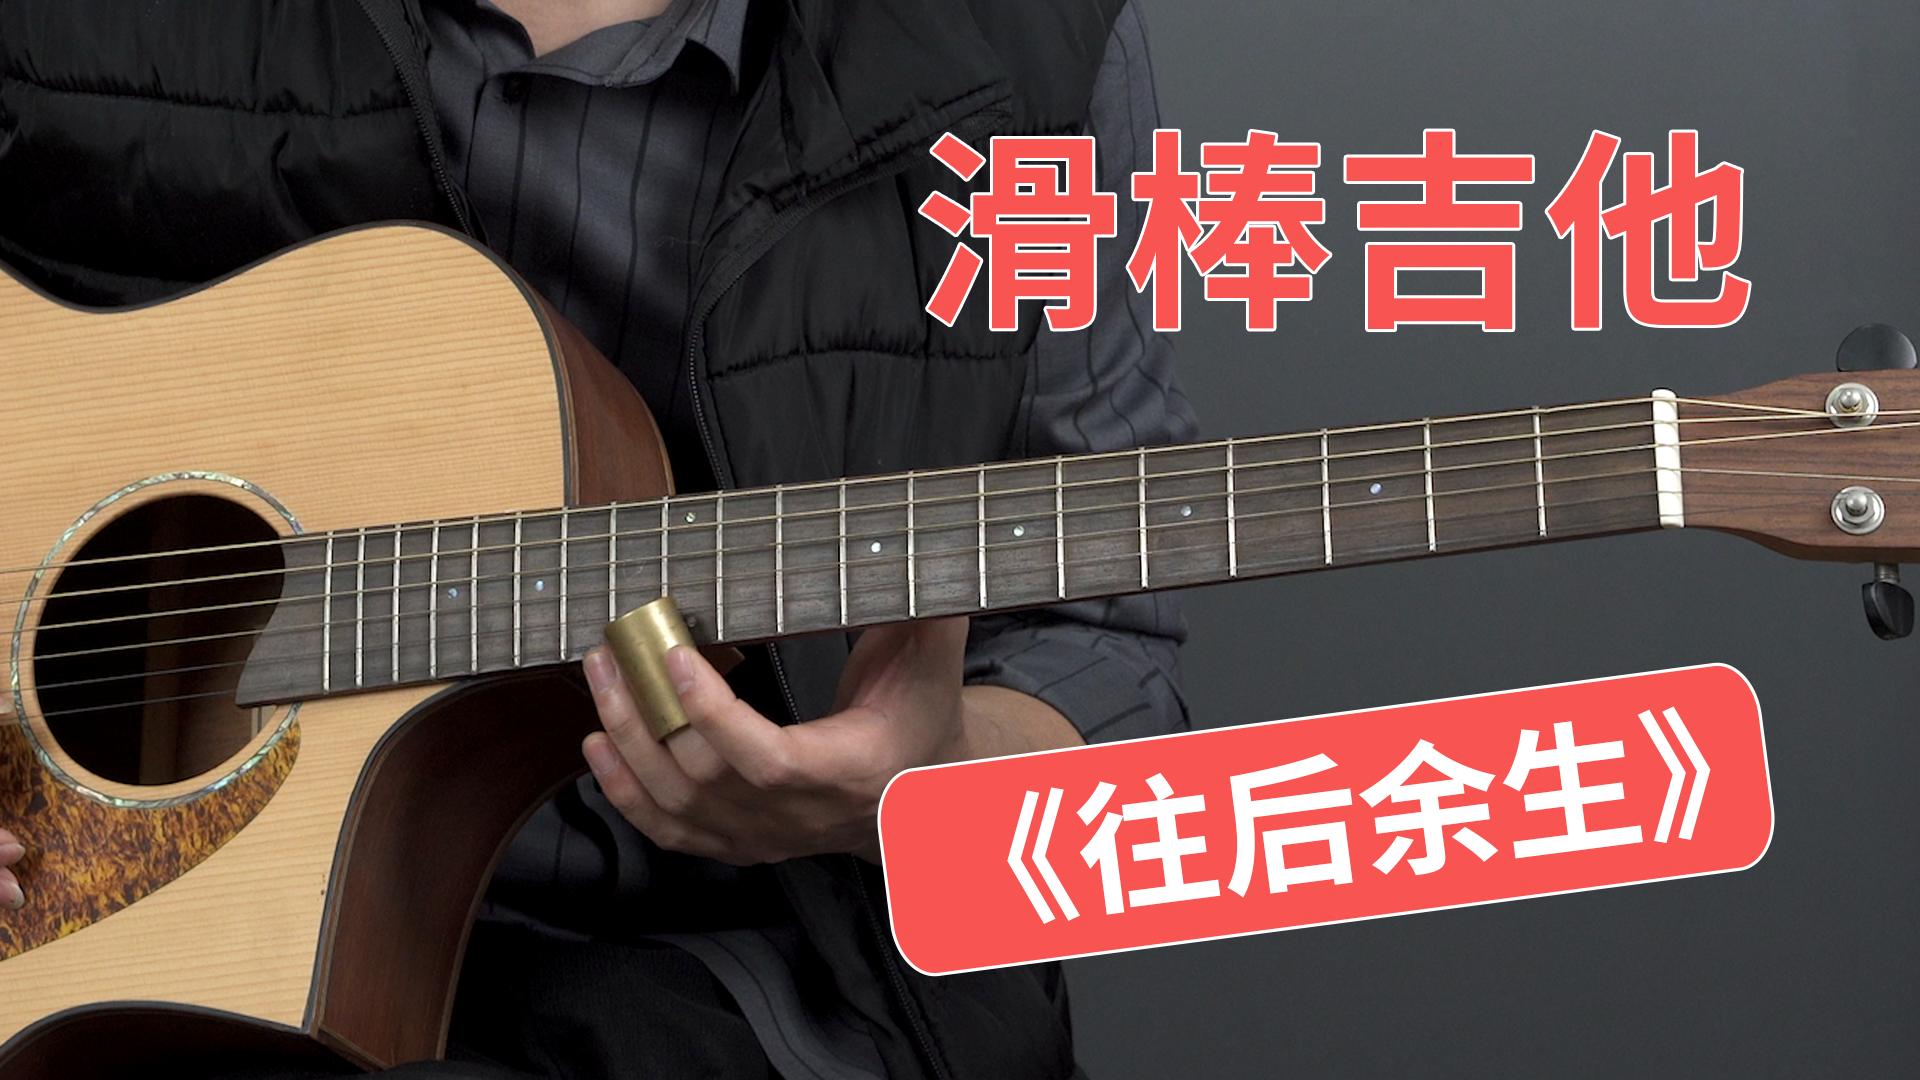 【主音】吉他不一样的《往后余生》 -滑棒solo电吉他-吉他教学by胡sir音乐